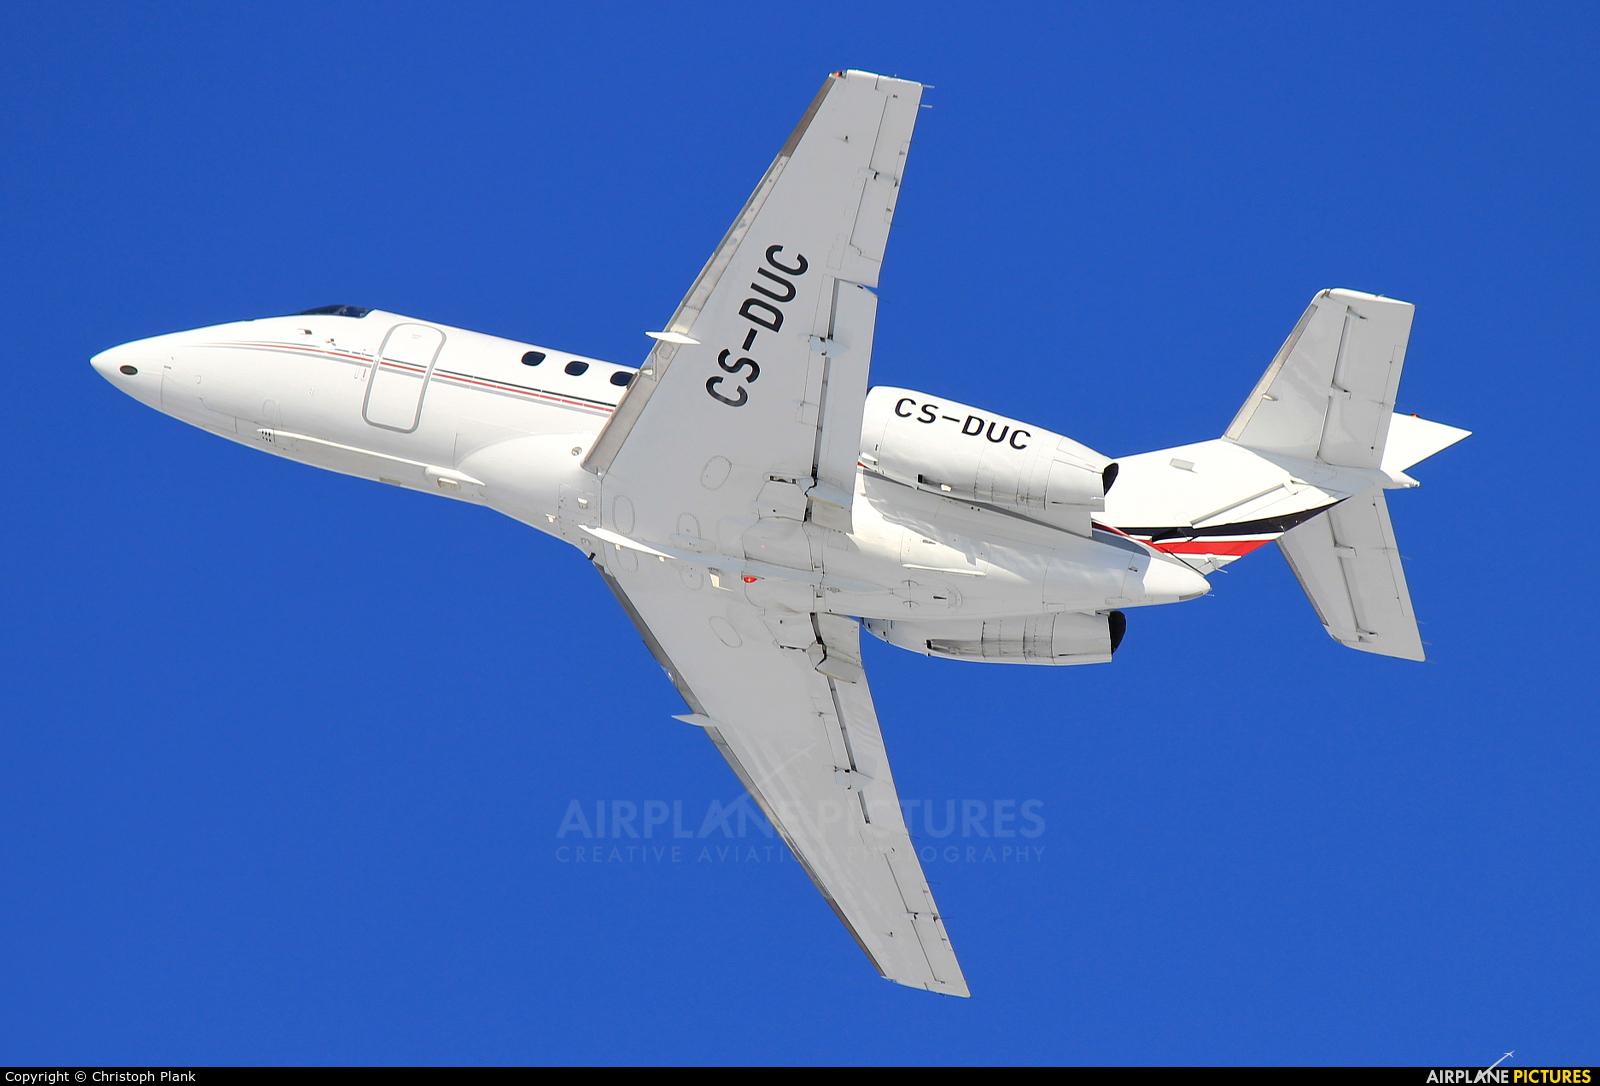 NetJets Europe (Portugal) CS-DUC aircraft at Innsbruck